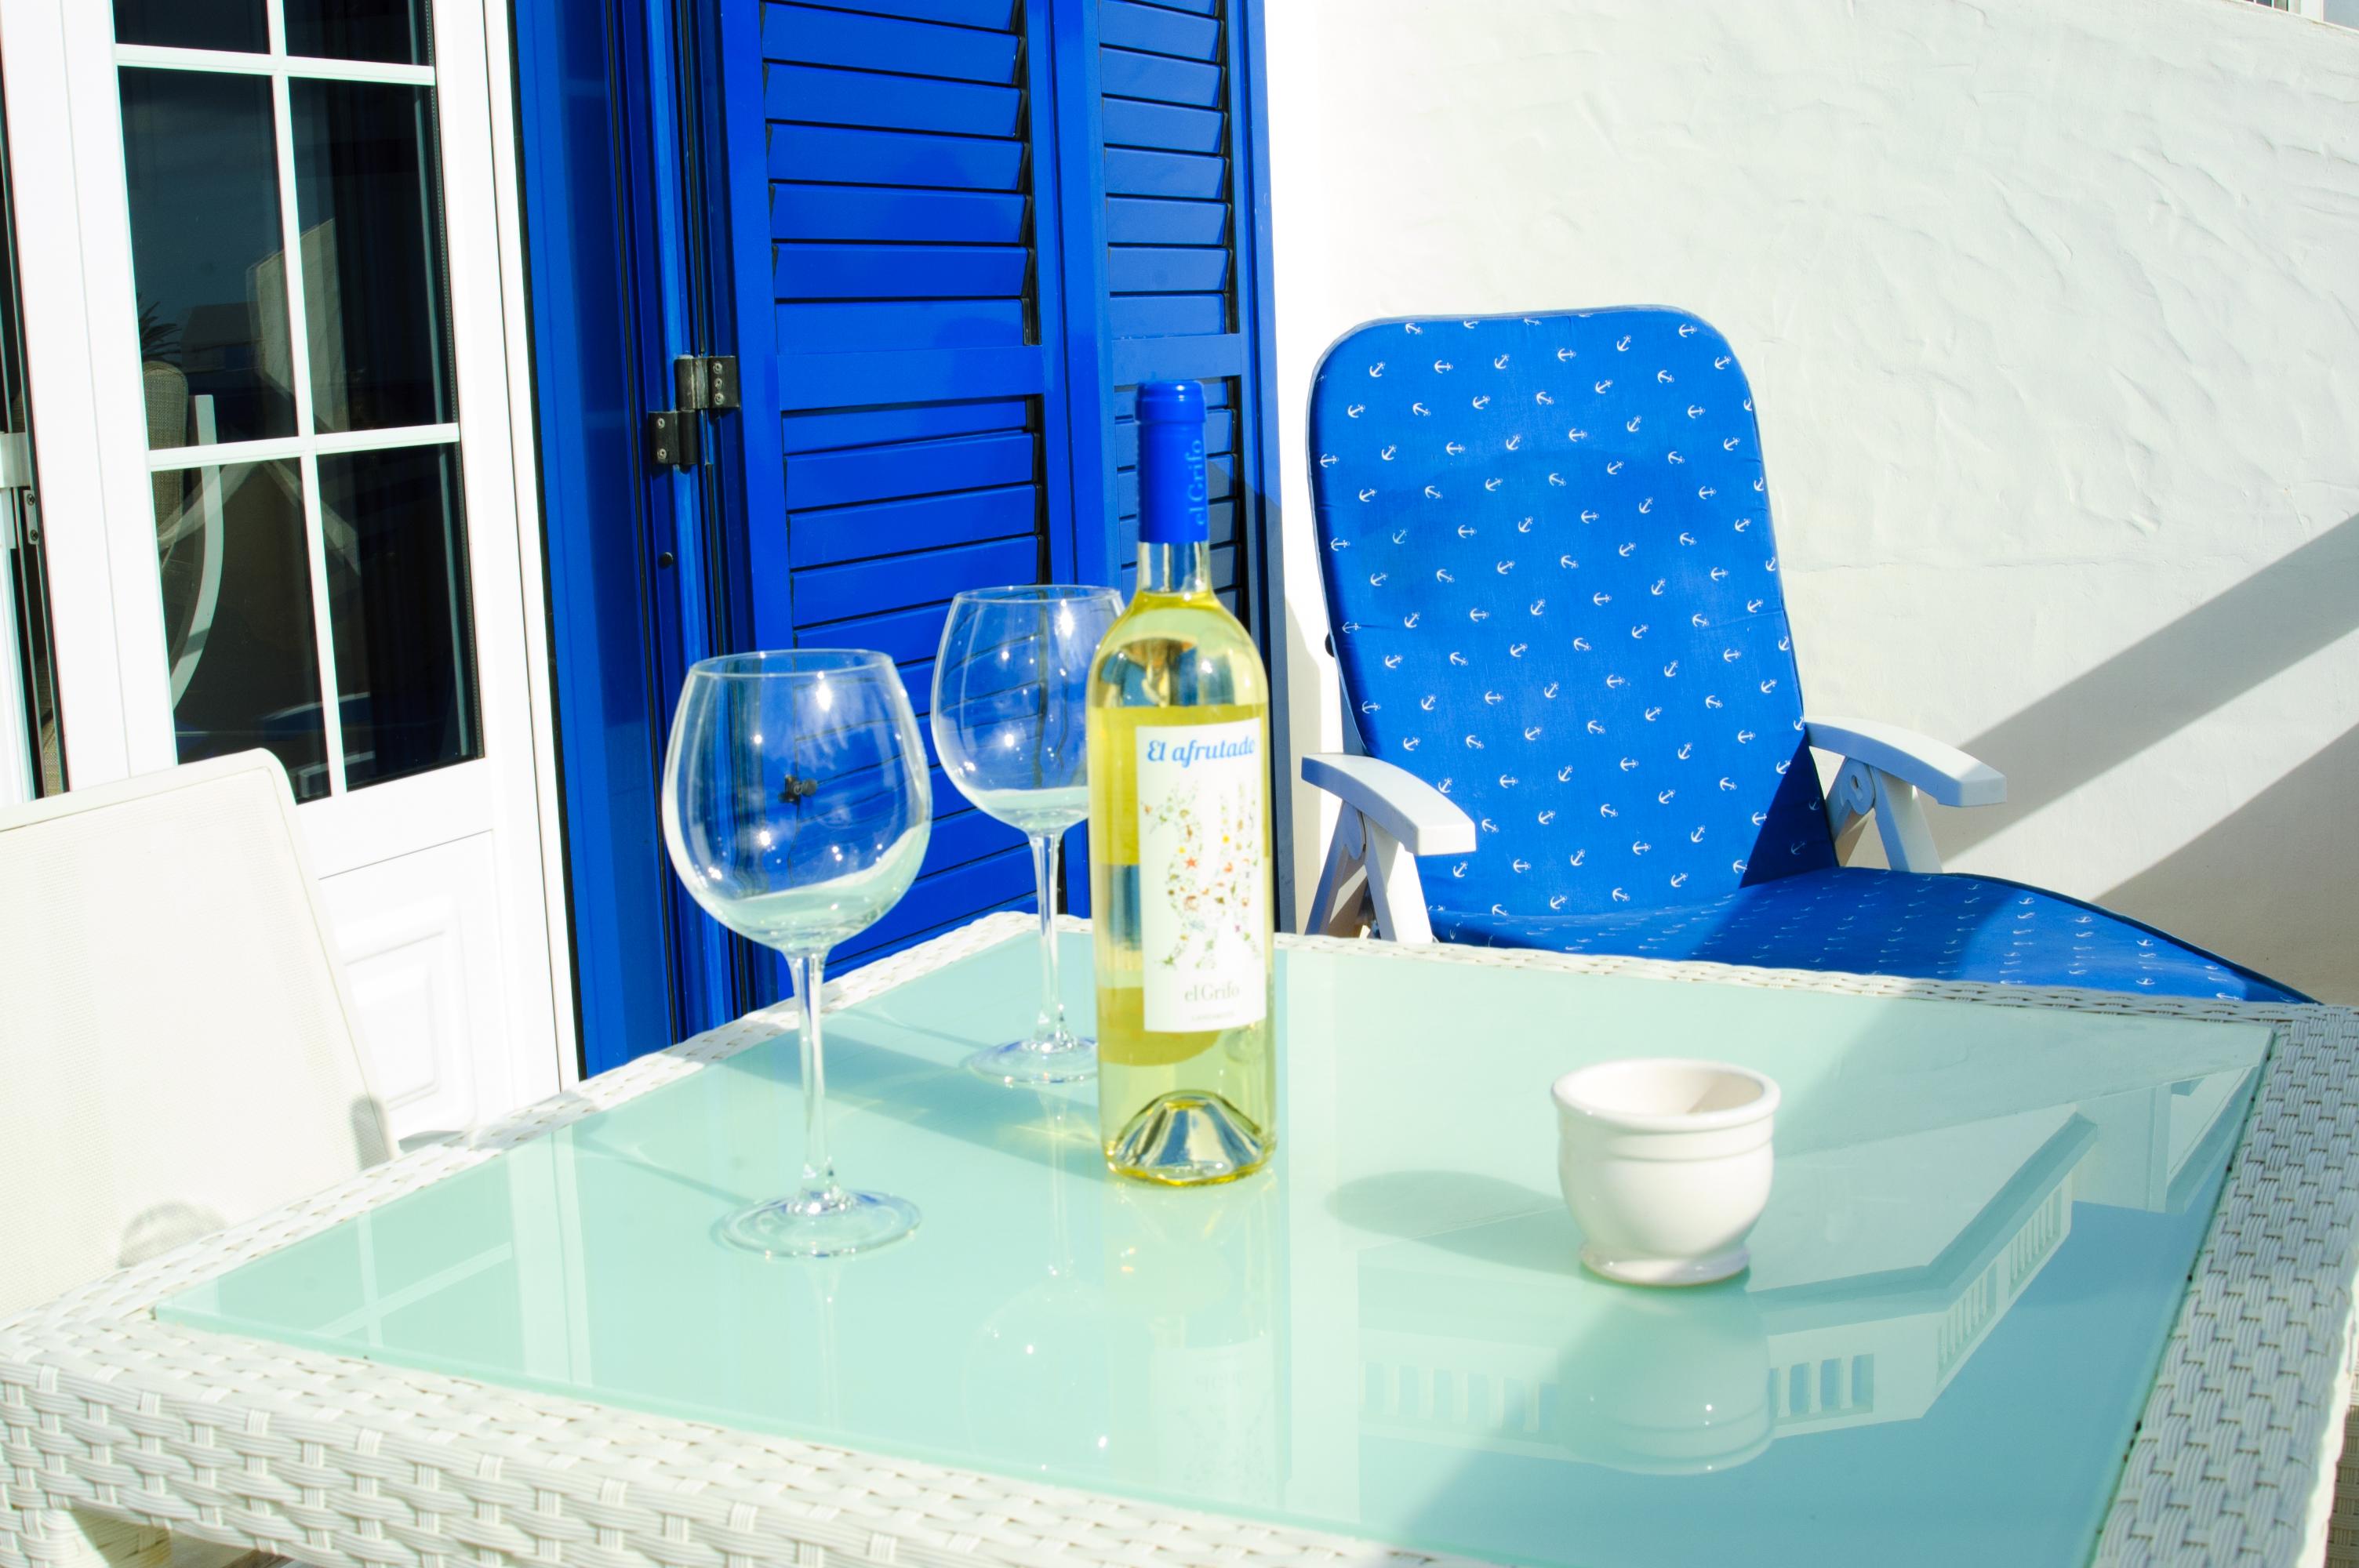 Terrasse am Meer bei einem Glas Wein